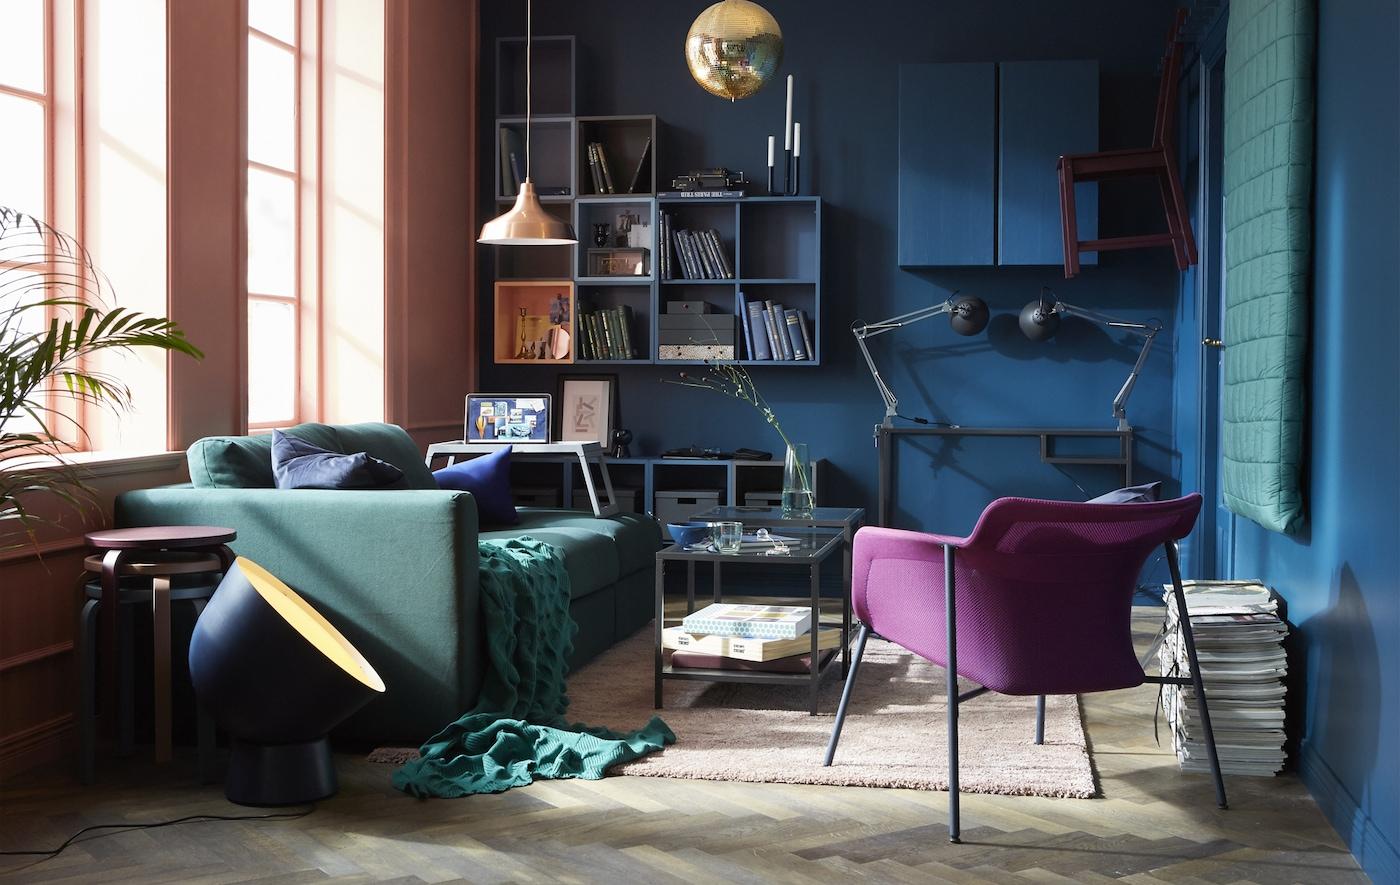 Un salón flexible y cómodo que utiliza un moderno tono de azul en la pared con un sofá verde y textiles y un suelo de madera.